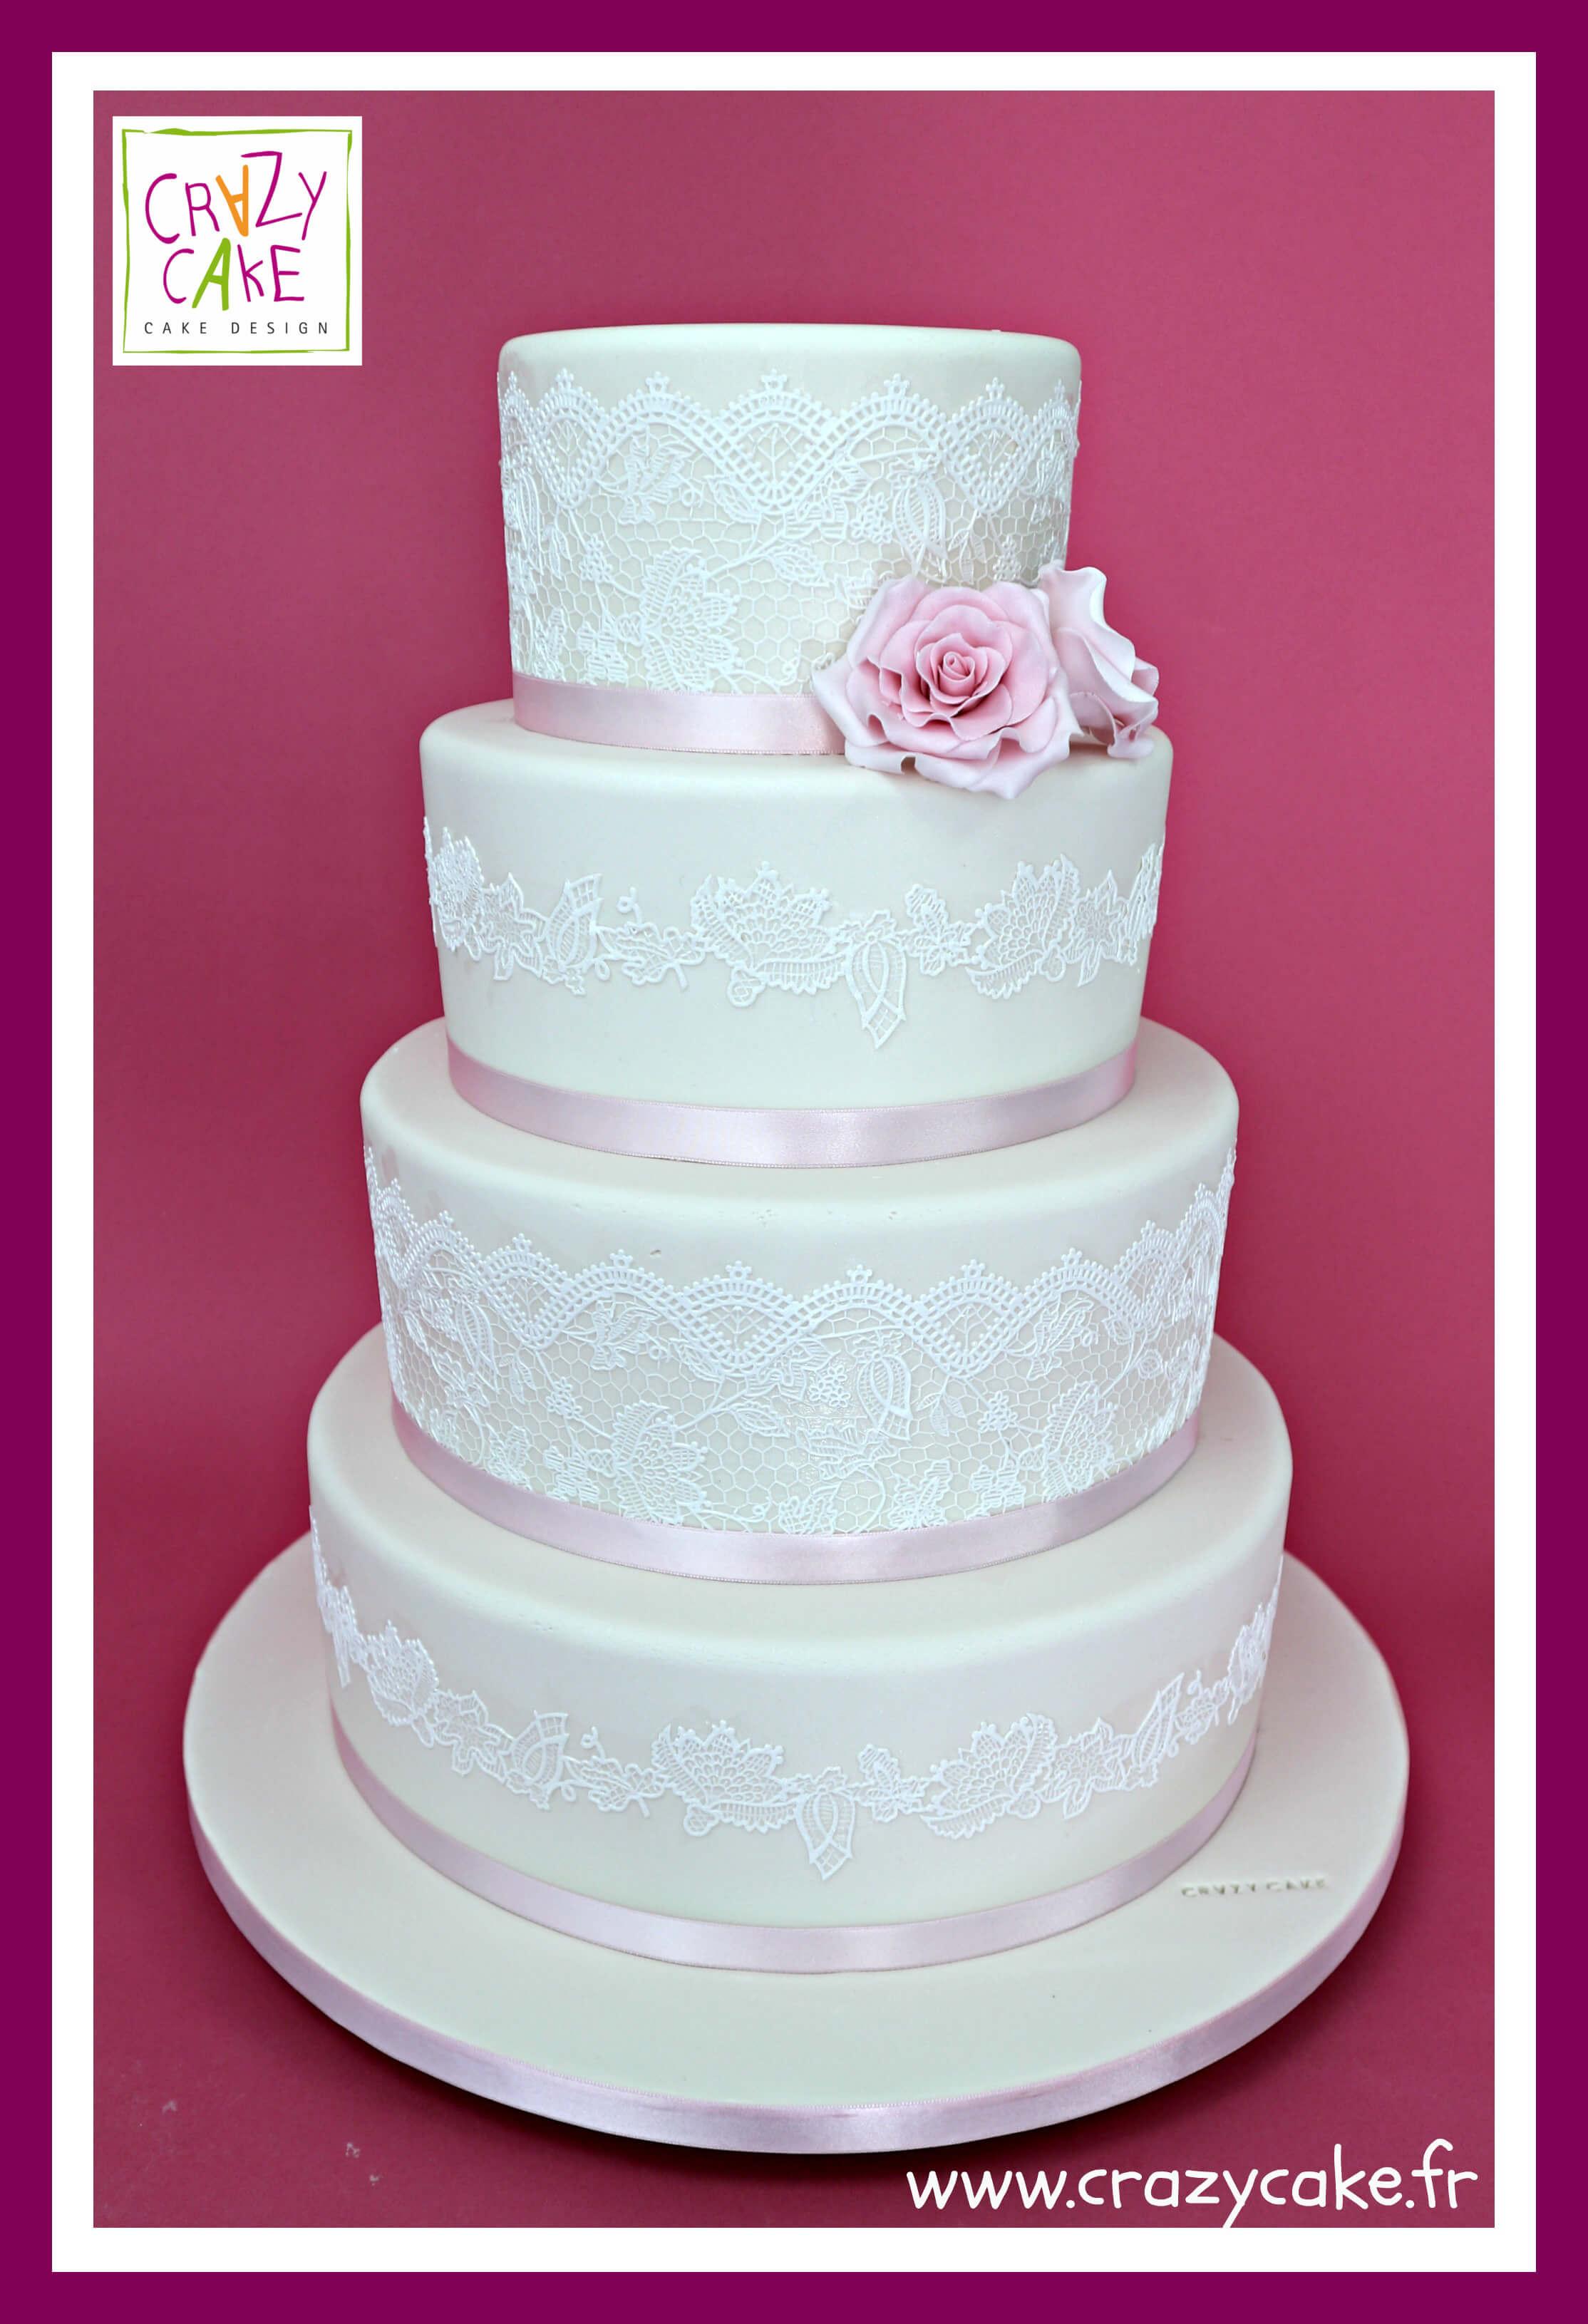 Un gâteau de mariage au thème bohème est naturel et organique, ce qui  explique pourquoi les gâteaux nus ou semi,nus sont les mieux adaptés.